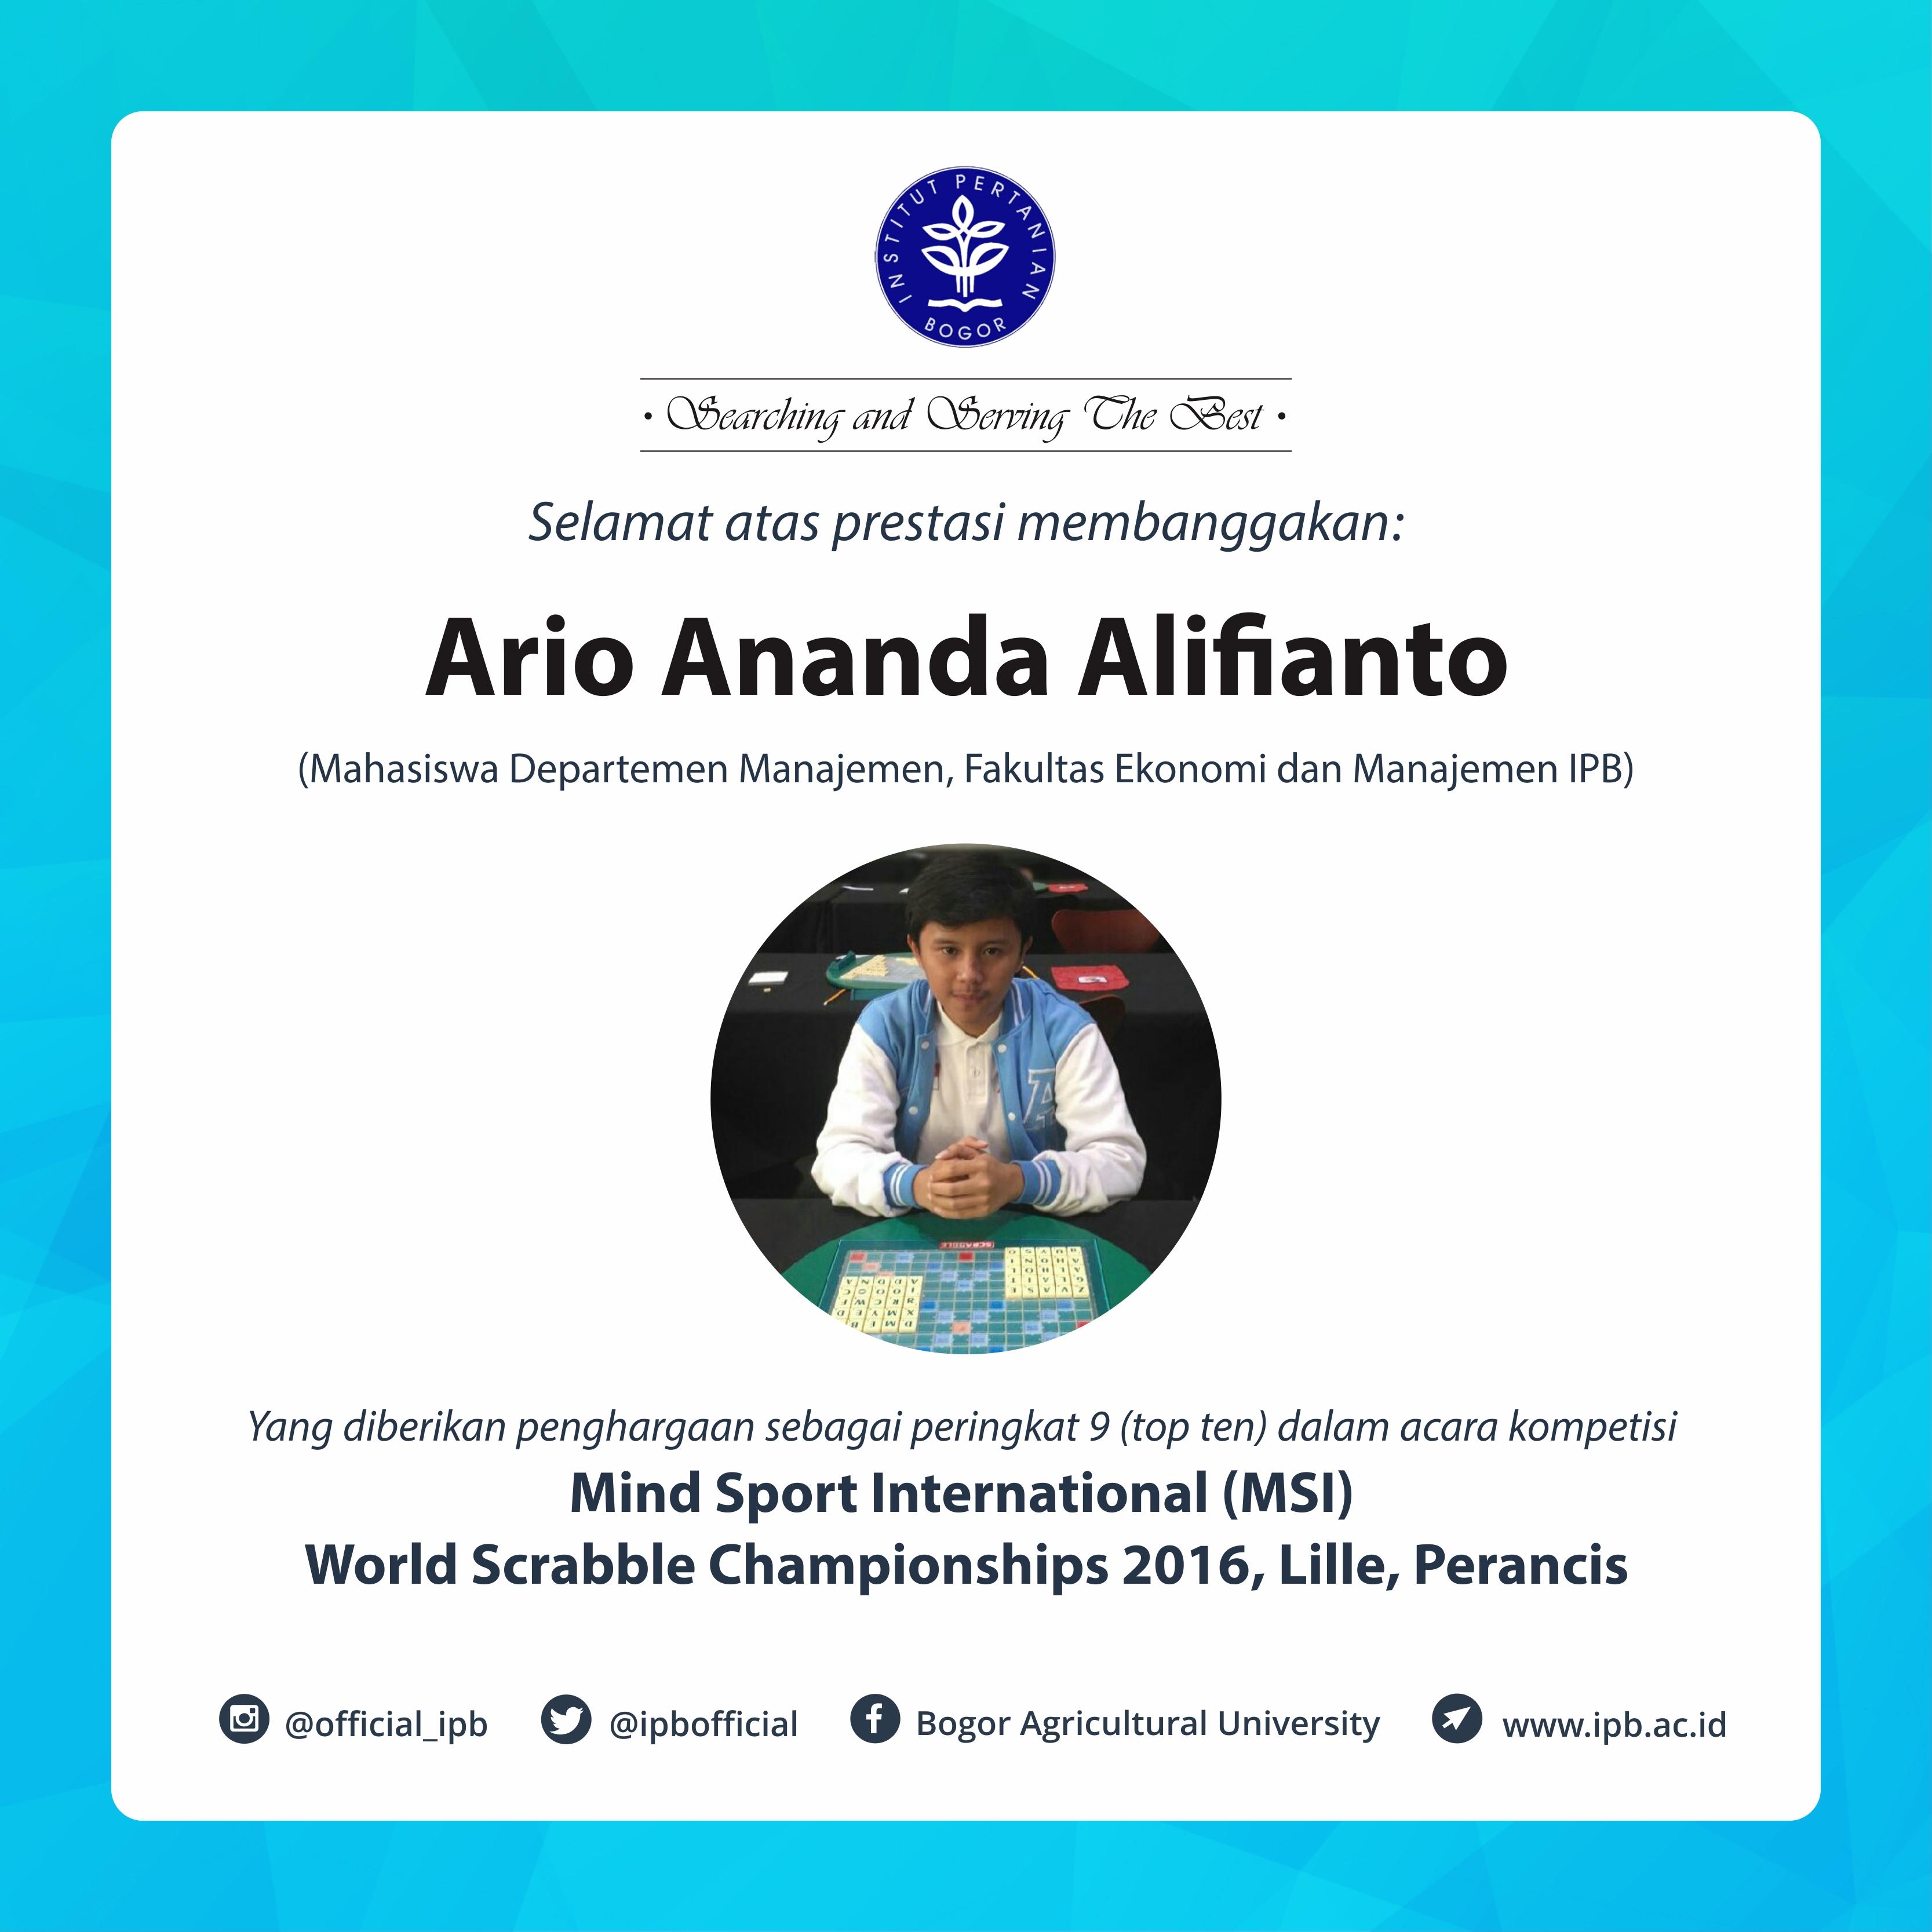 Selamat atas prestasi membanggakan Ario Ananda Alifianto sebagai peraih top ten Mind Sport International (MSI) World Scrabble Championships 2016